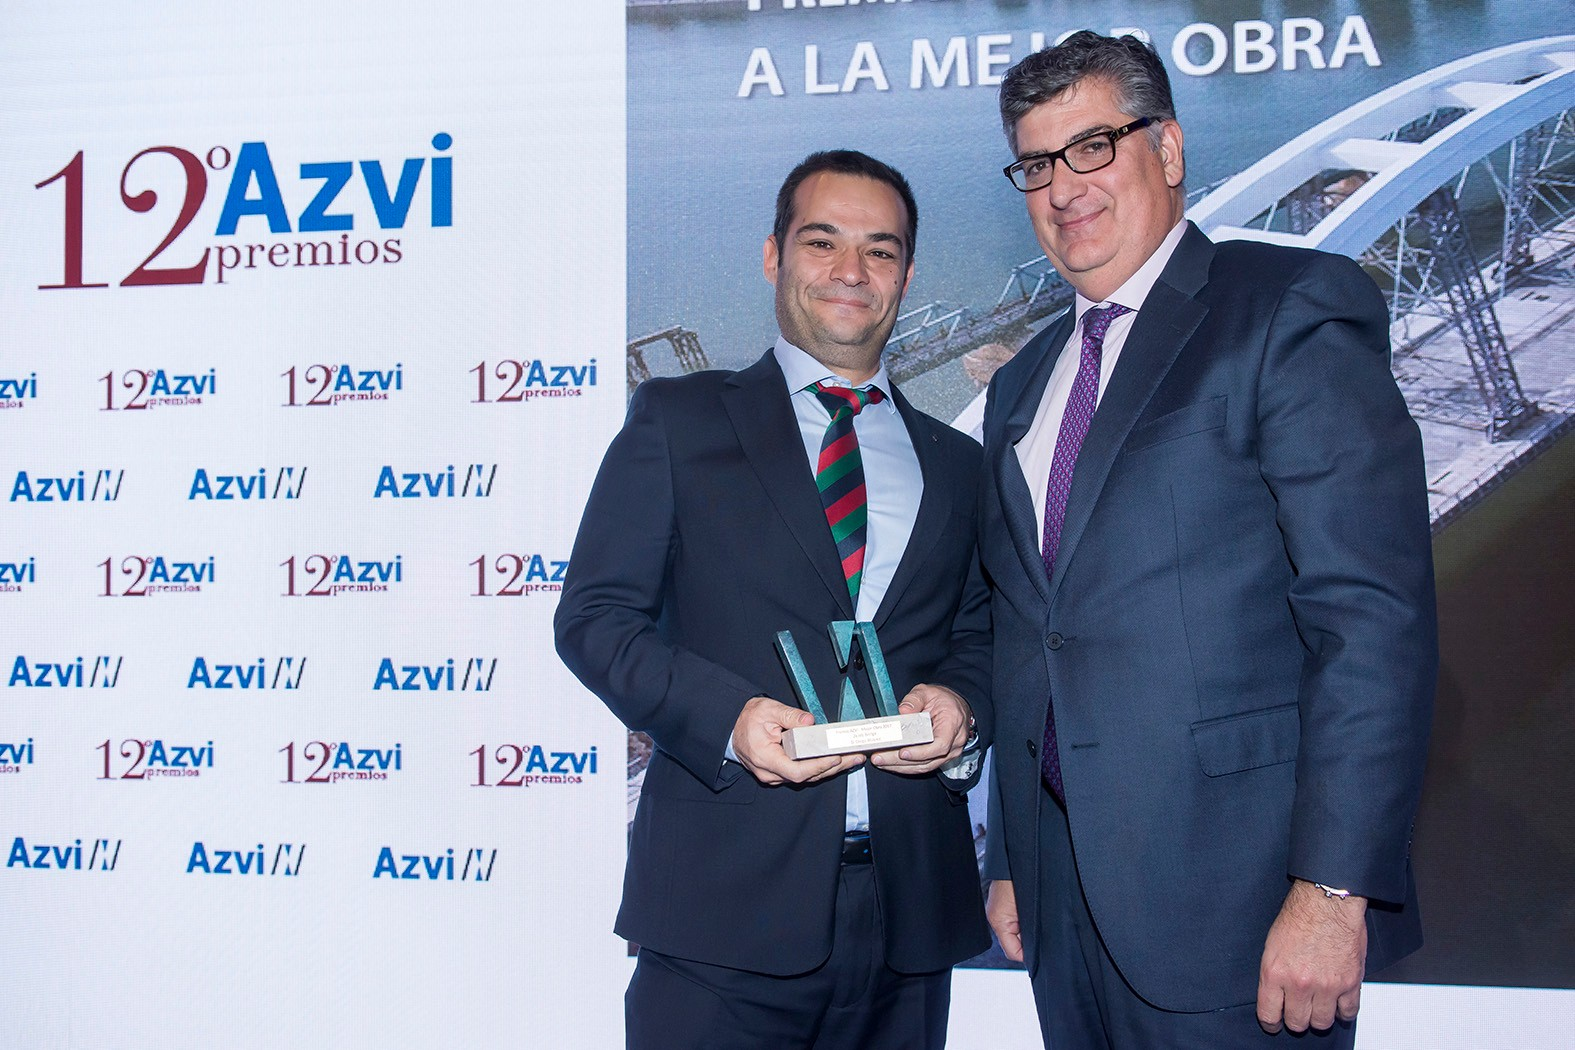 12 premios Azvi 111